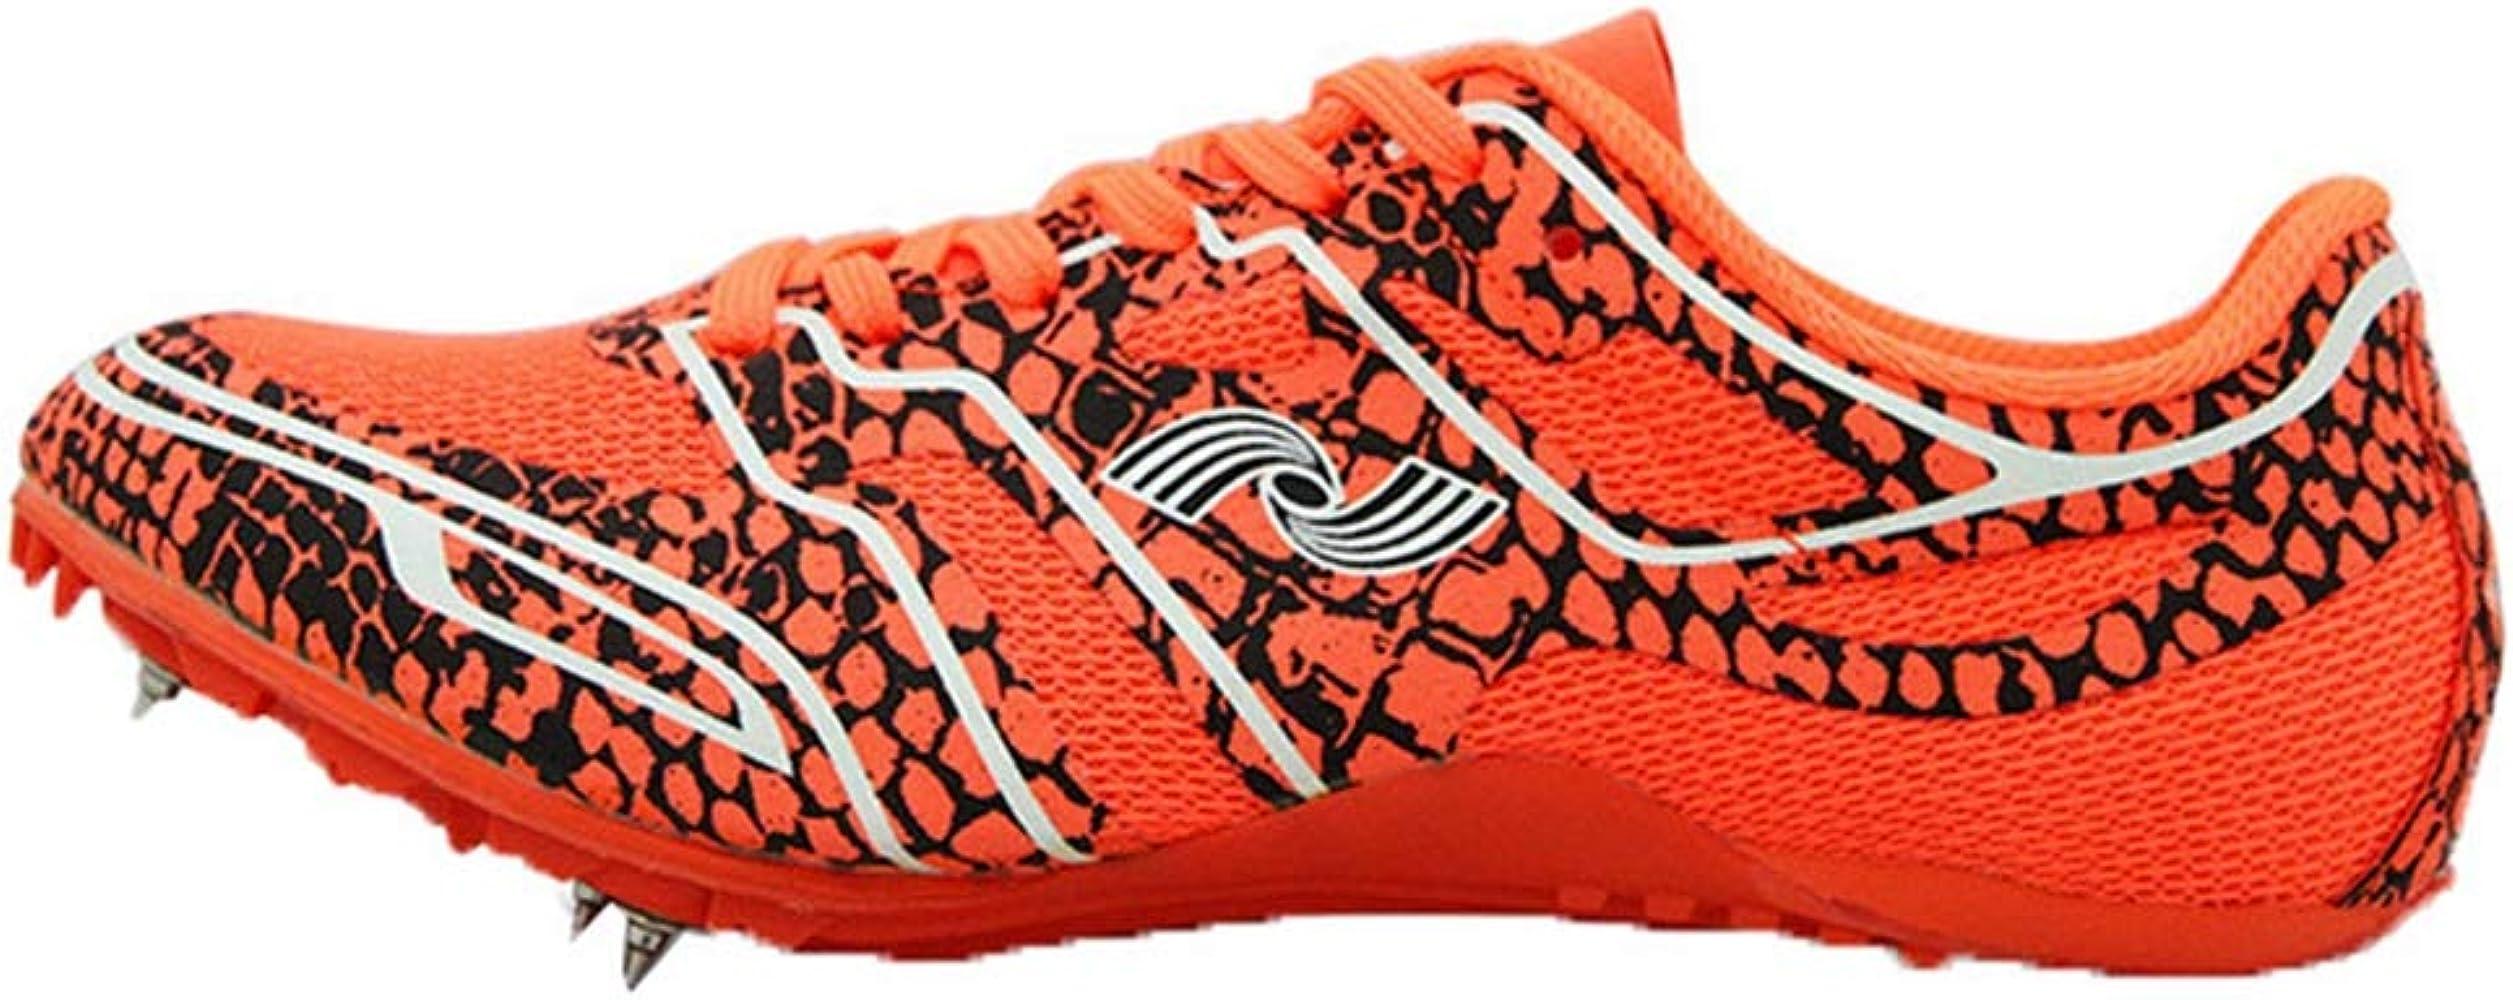 Pistas de Atletismo Unisex Malla Transpirable de Color Mixto Low Top Profesión Track Athletic Distance Racing Zapatillas de Running para Adolescentes: Amazon.es: Zapatos y complementos